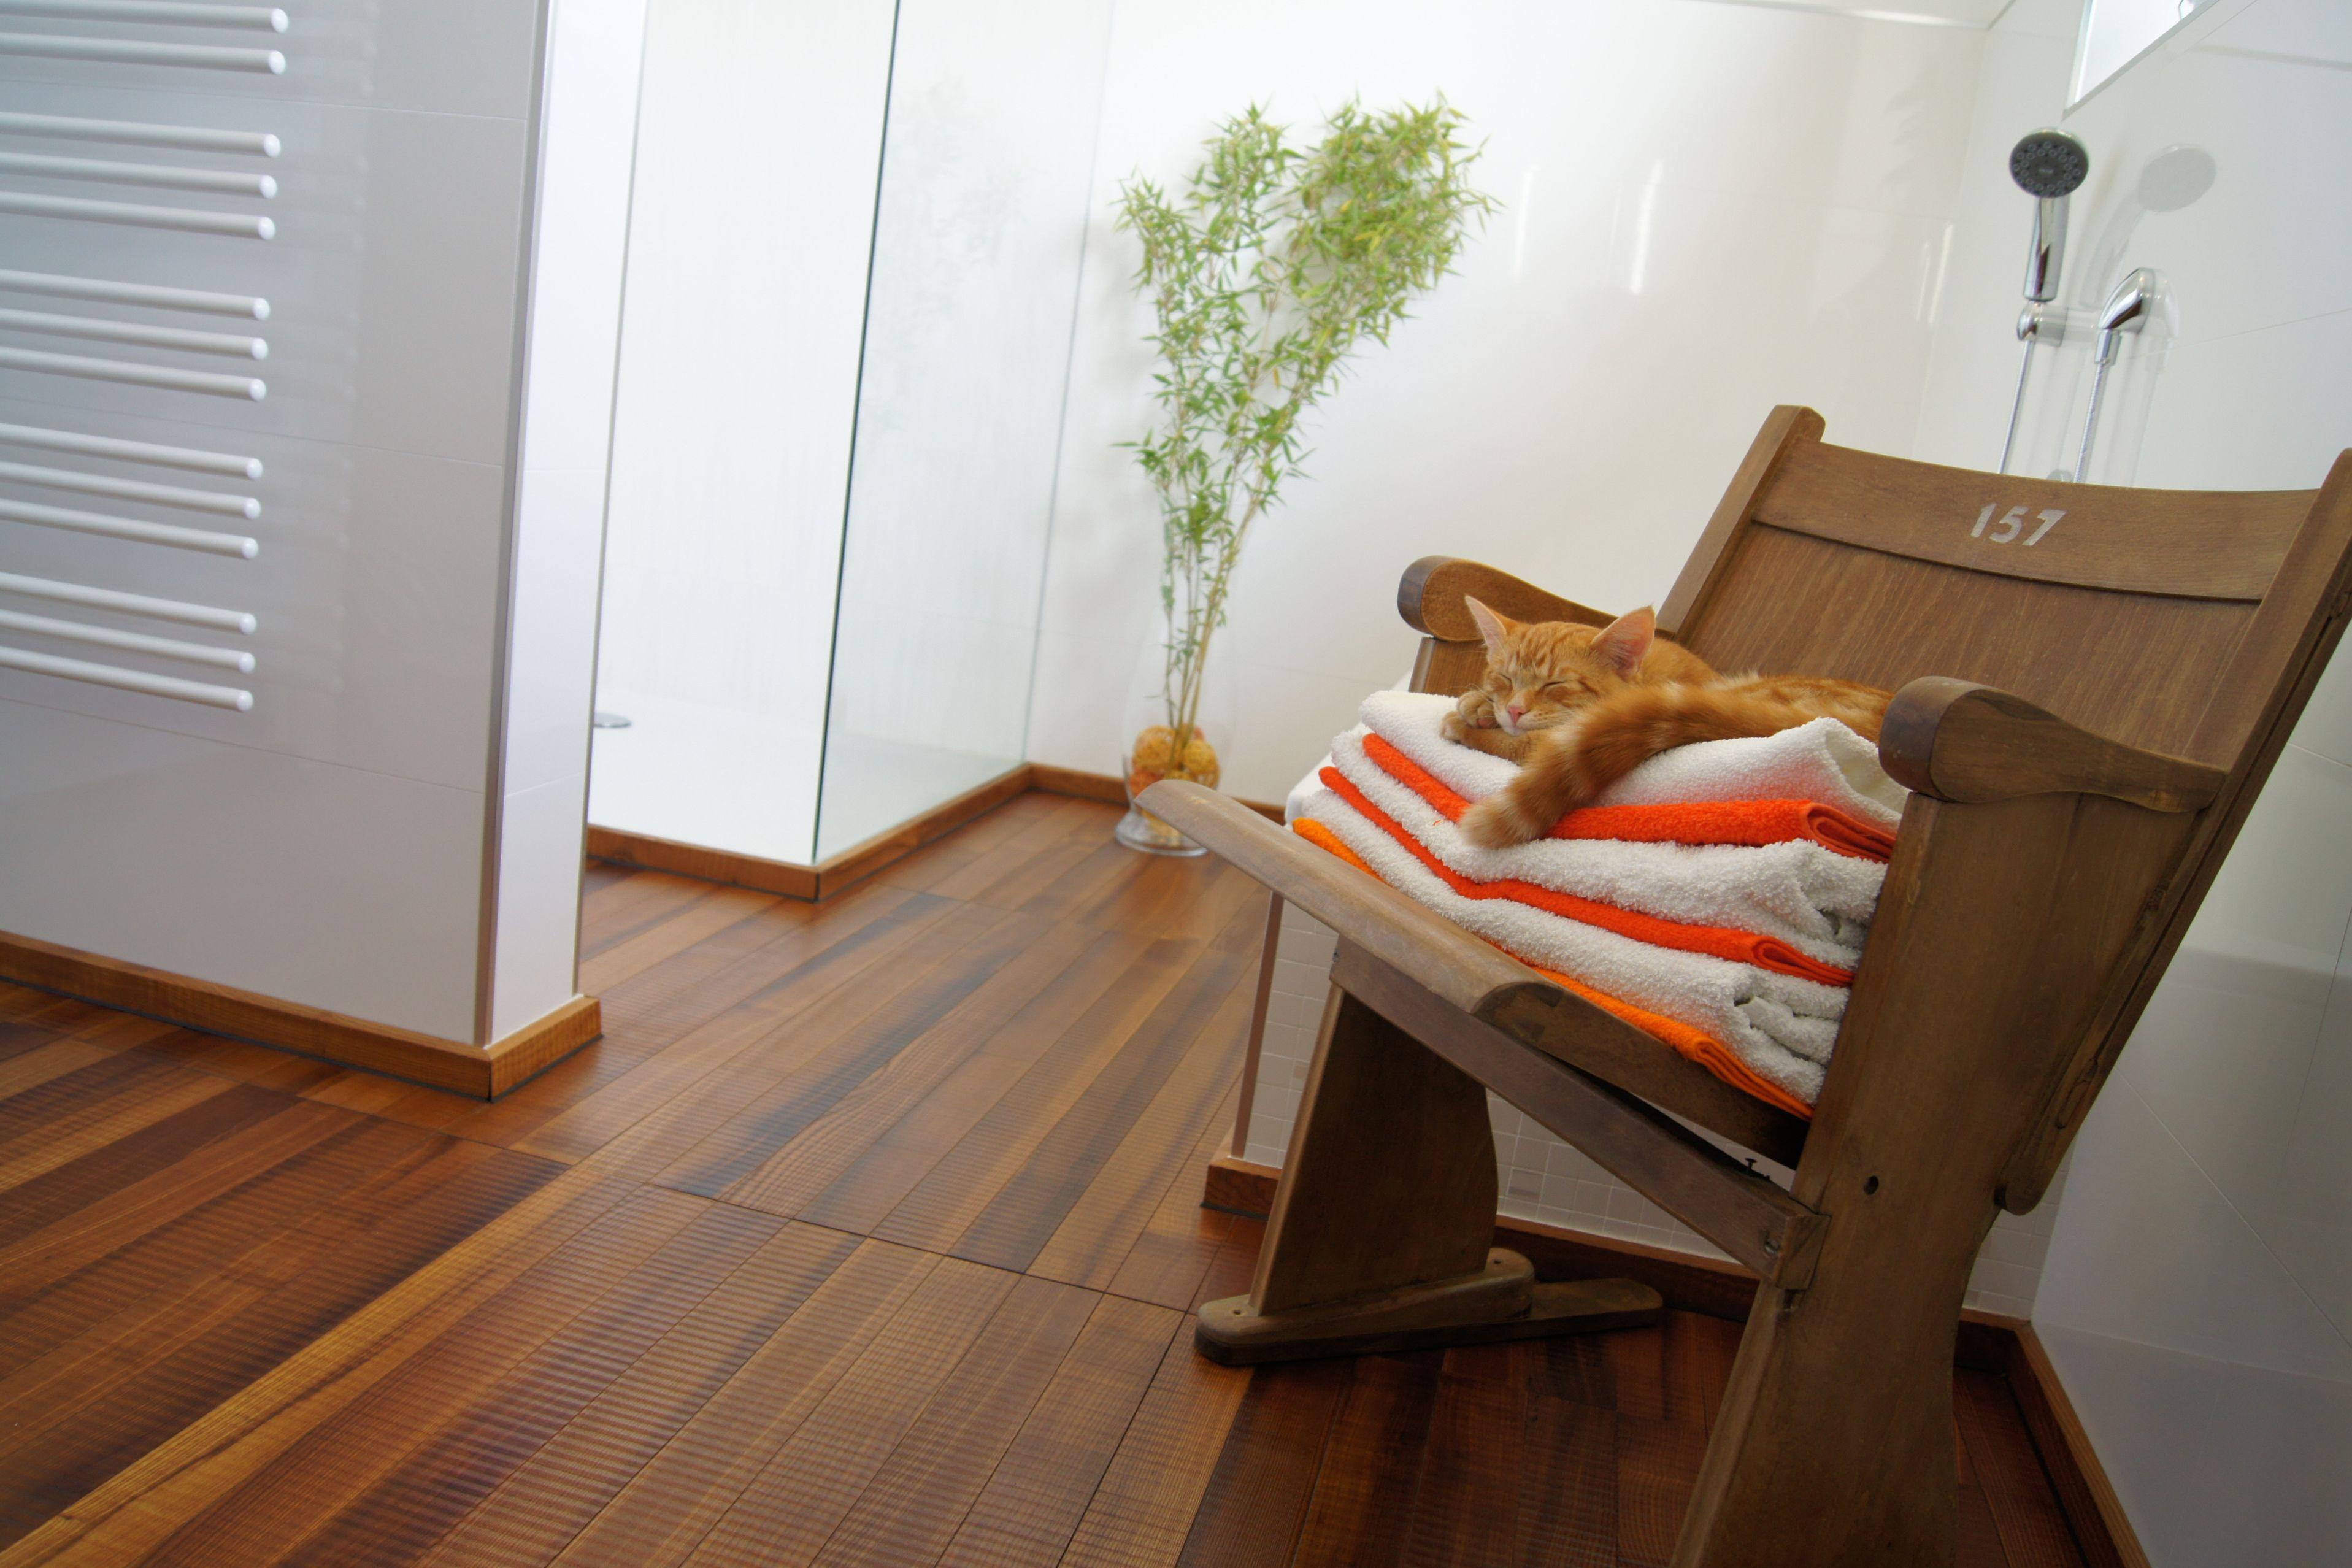 Holzböden sorgen für ein ausgeglichenes Raumklima